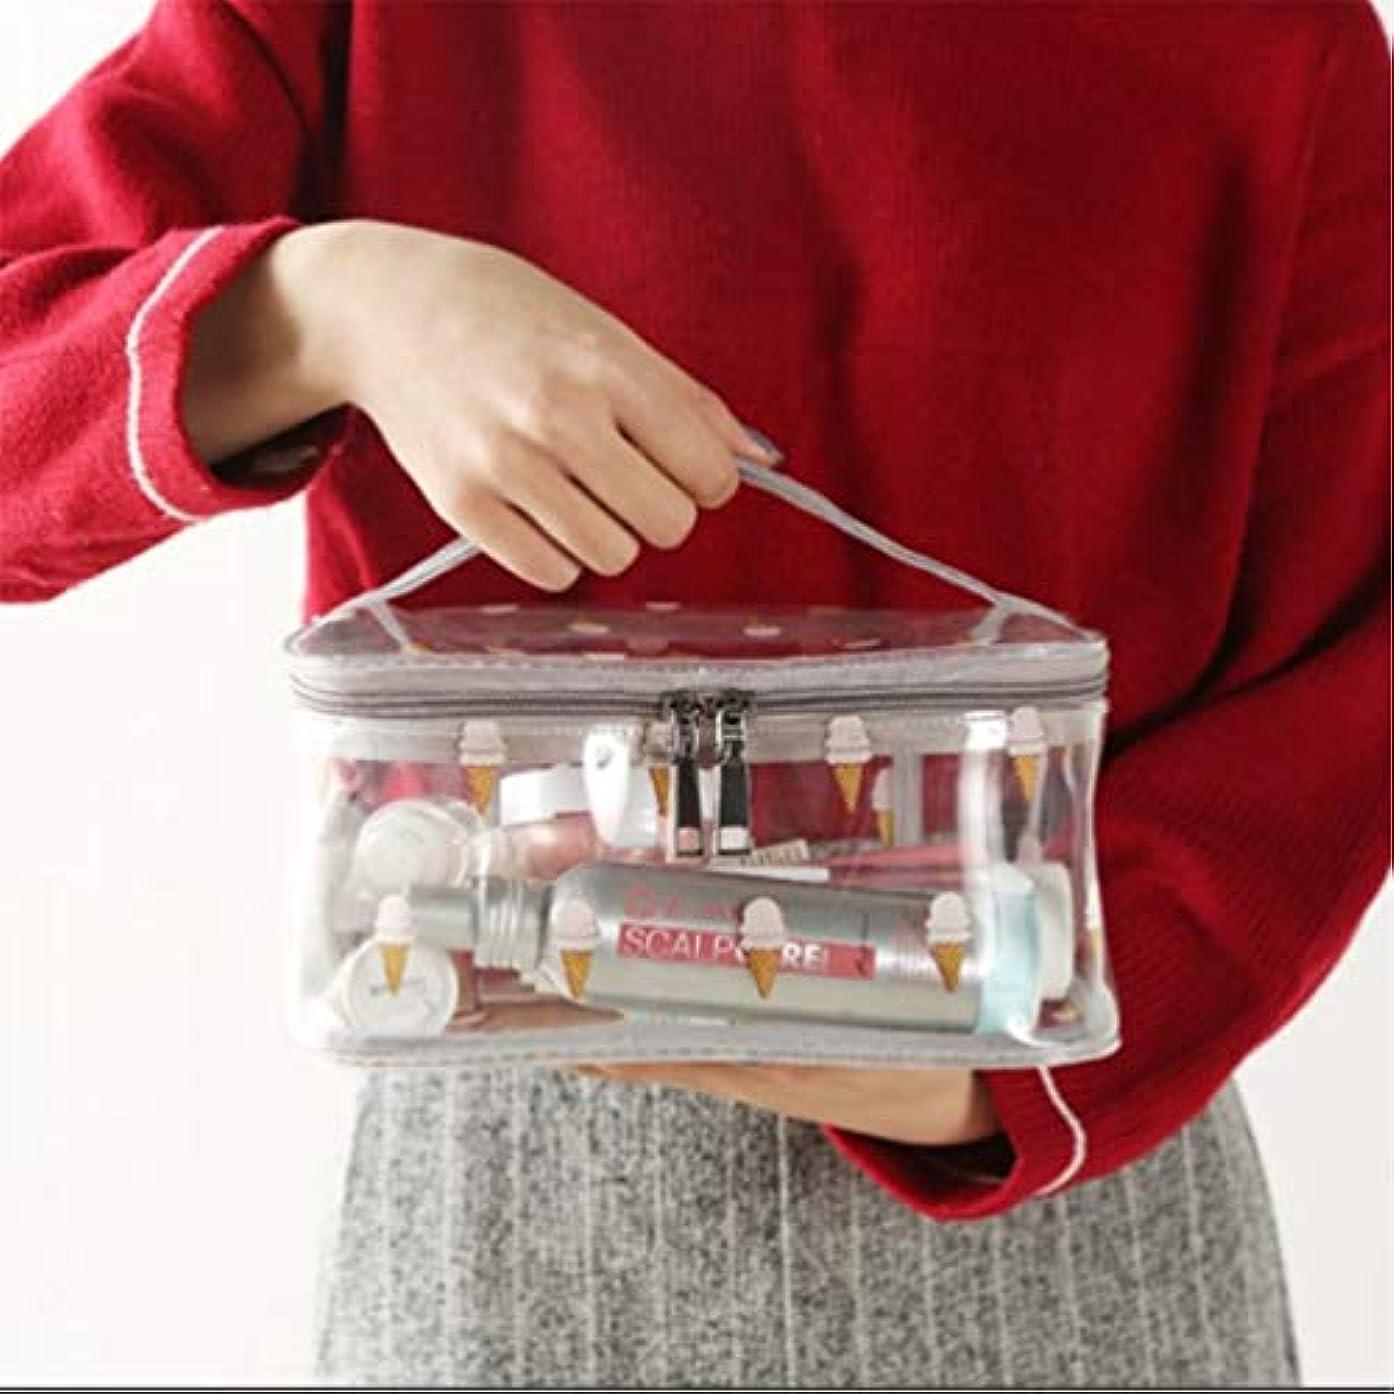 眩惑する宝石強風化粧品収納バッグ、透明PVC旅行化粧バッグポーチ防水トイレタリーバッグ、ハンドルデザイン